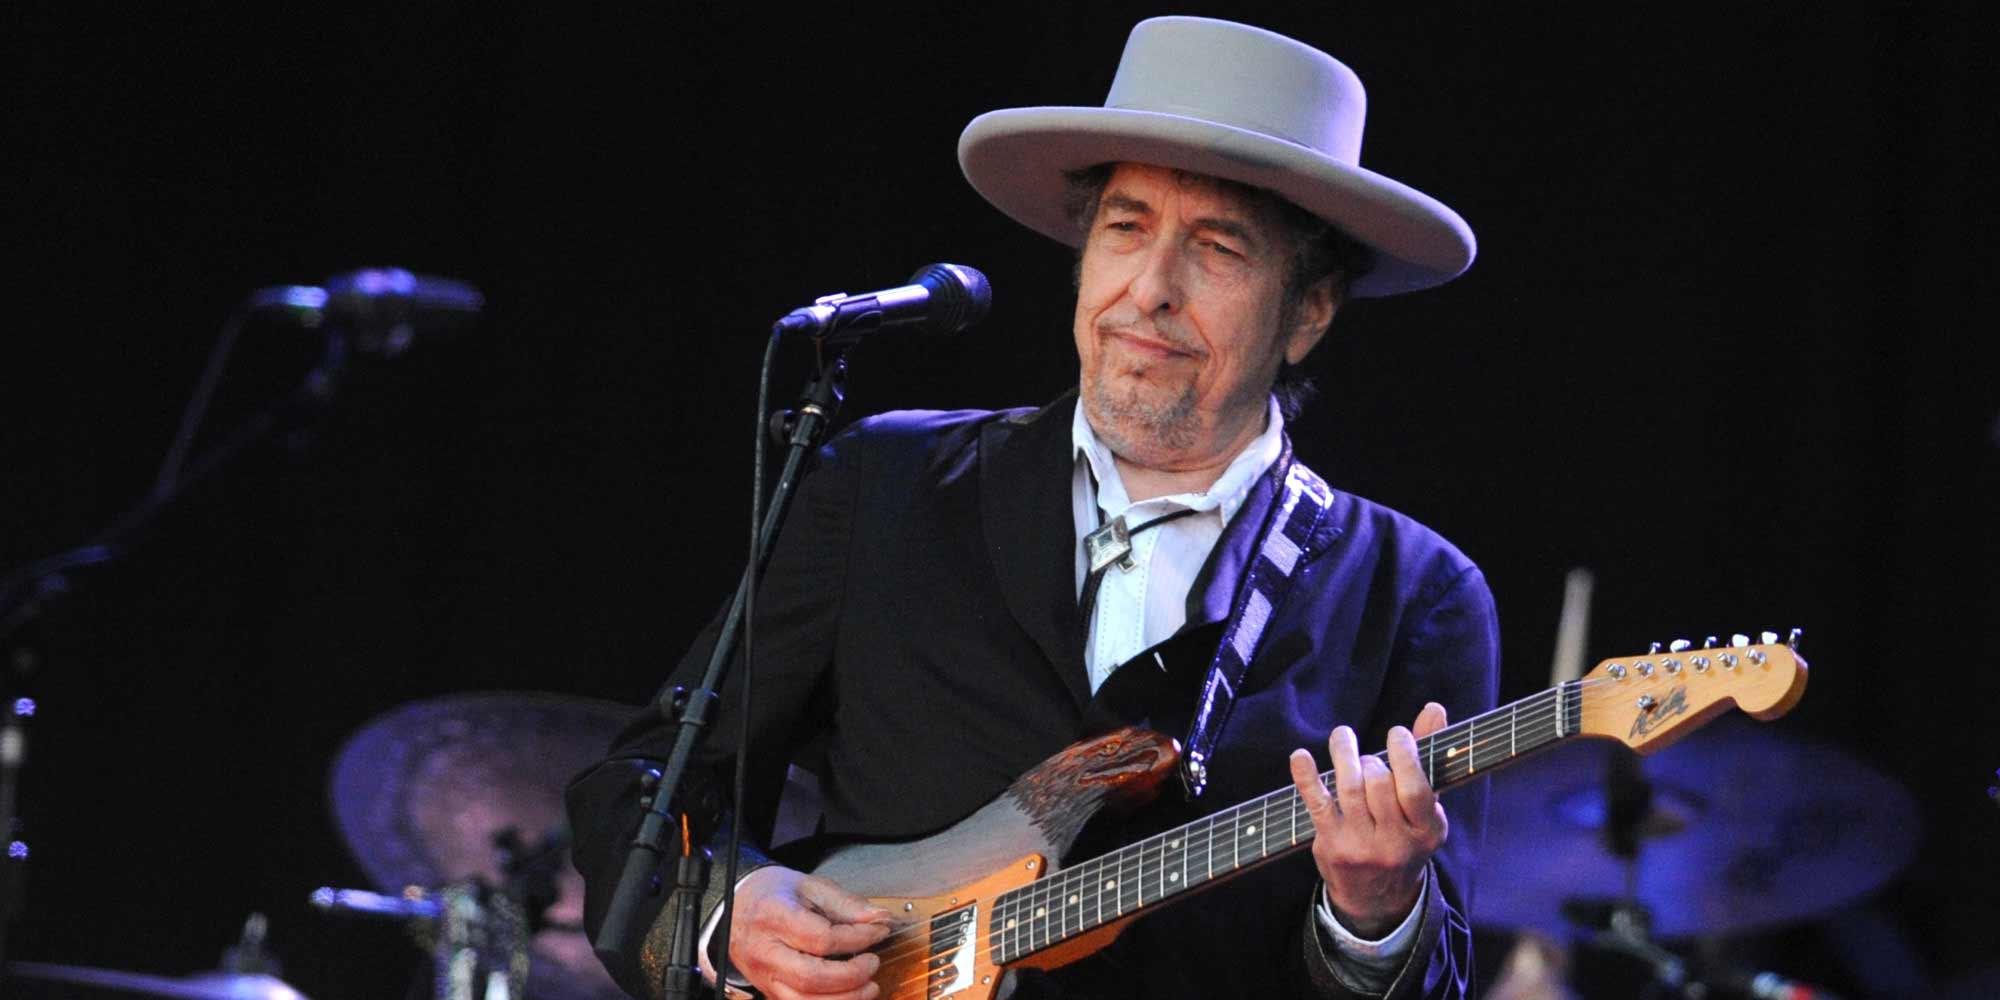 """През 2004 г. списание Rolling Stone избра """"Like A Rolling Stone""""на Боб Дилън за най-добрата песен на всички времена, въпреки свирепата конкуренция на хиляди други хитове"""